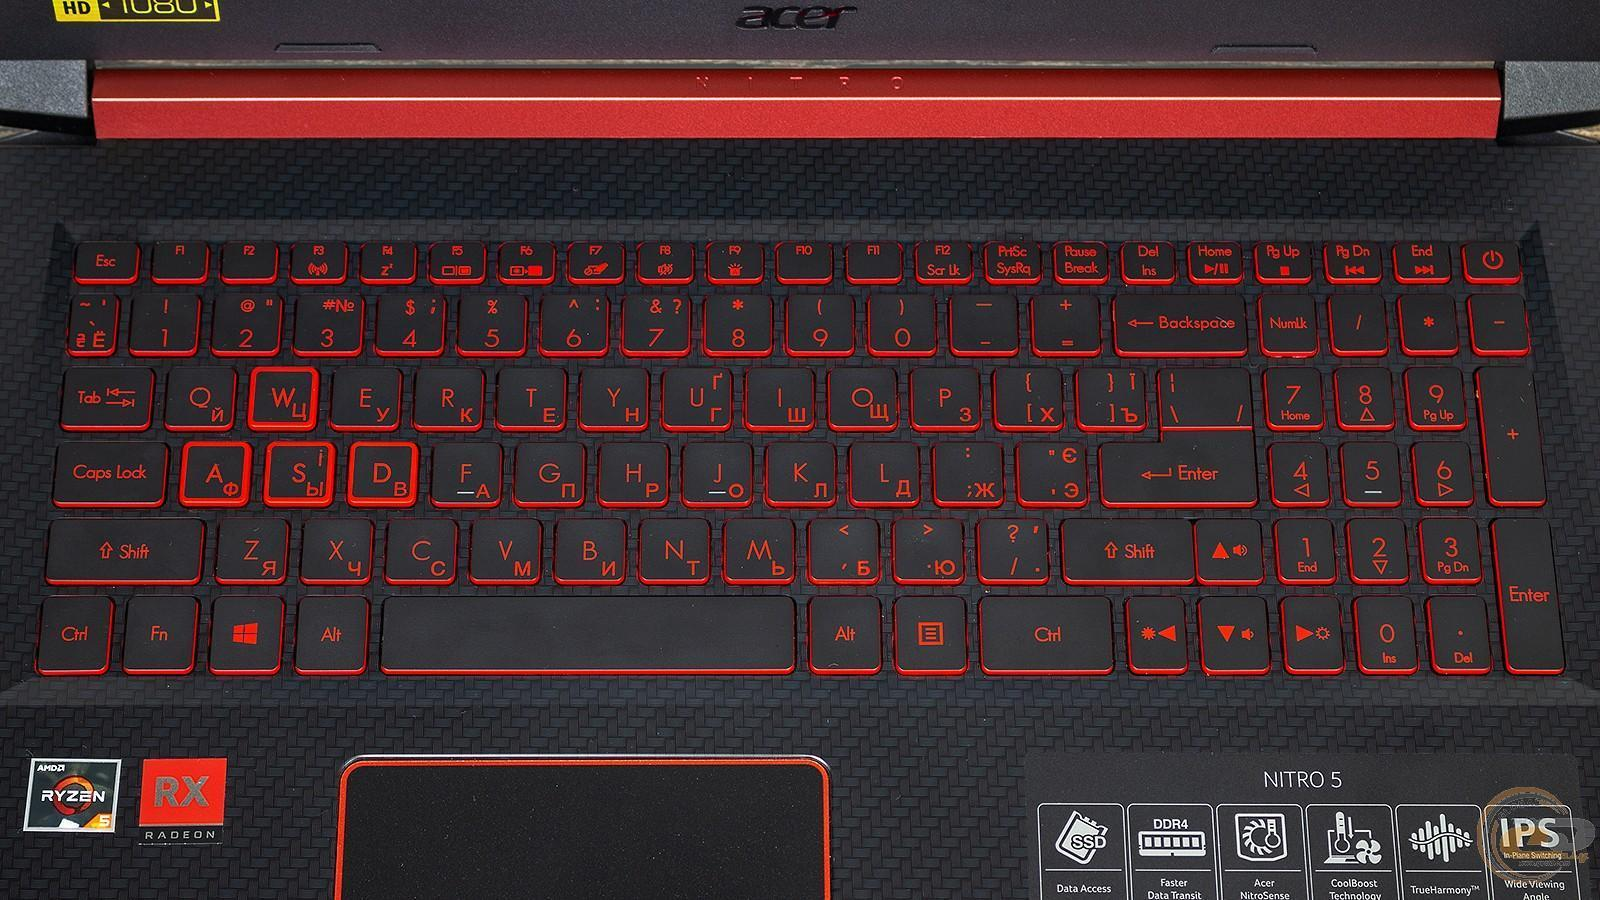 Acer представила в России новые ноутбуки для геймеров Nitro 5 (10 acer nitro 5)